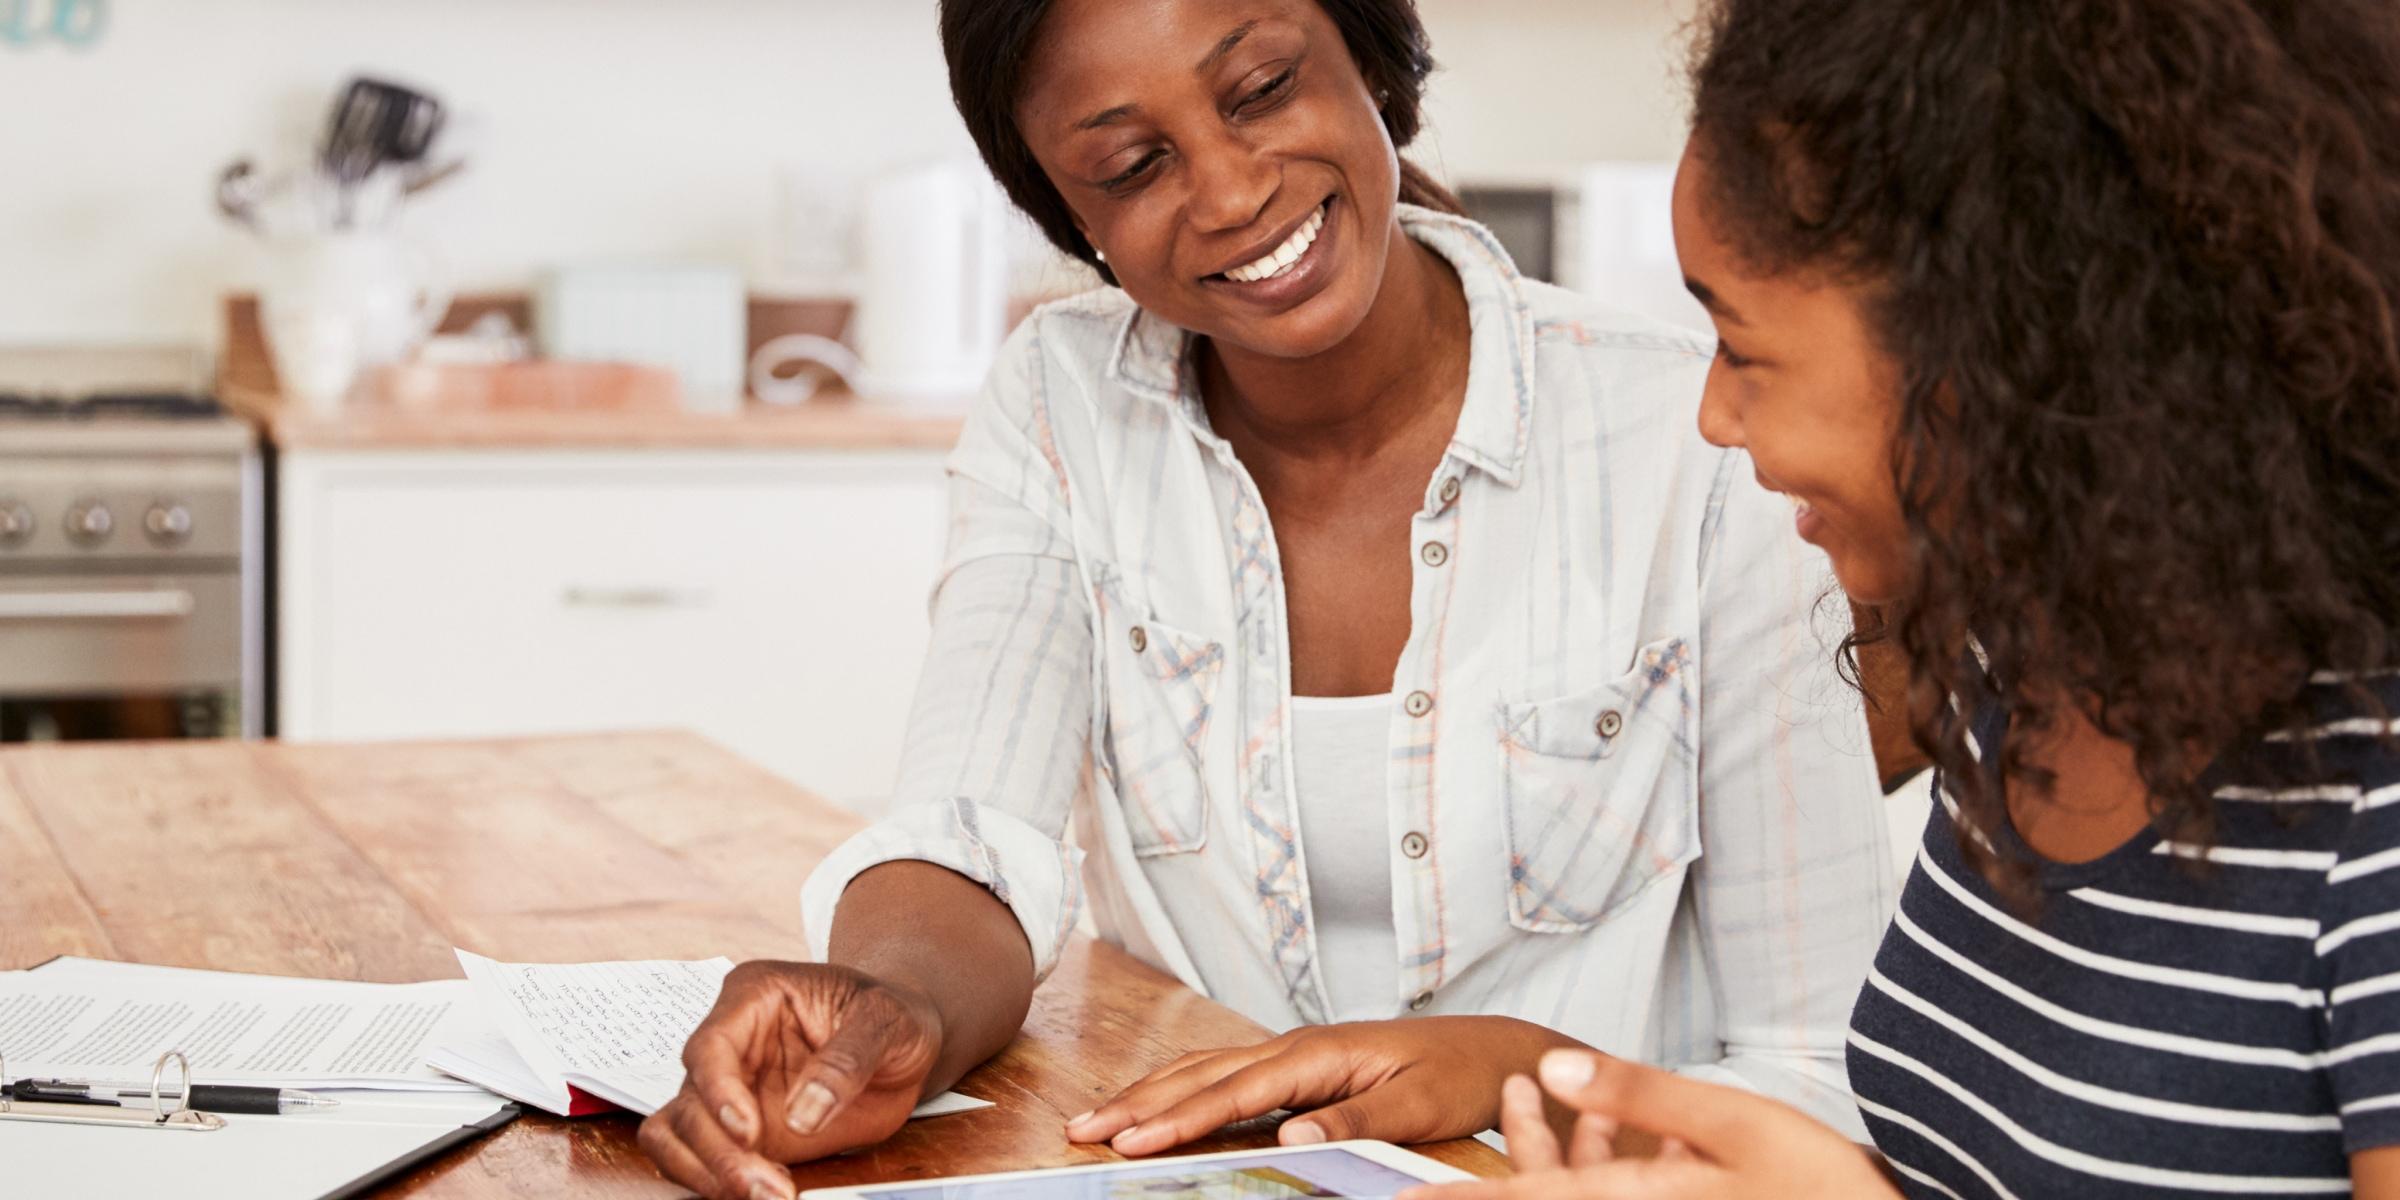 ENTRETENIR UNE BONNE COMMUNICATION PARENT-ADOLESCENT